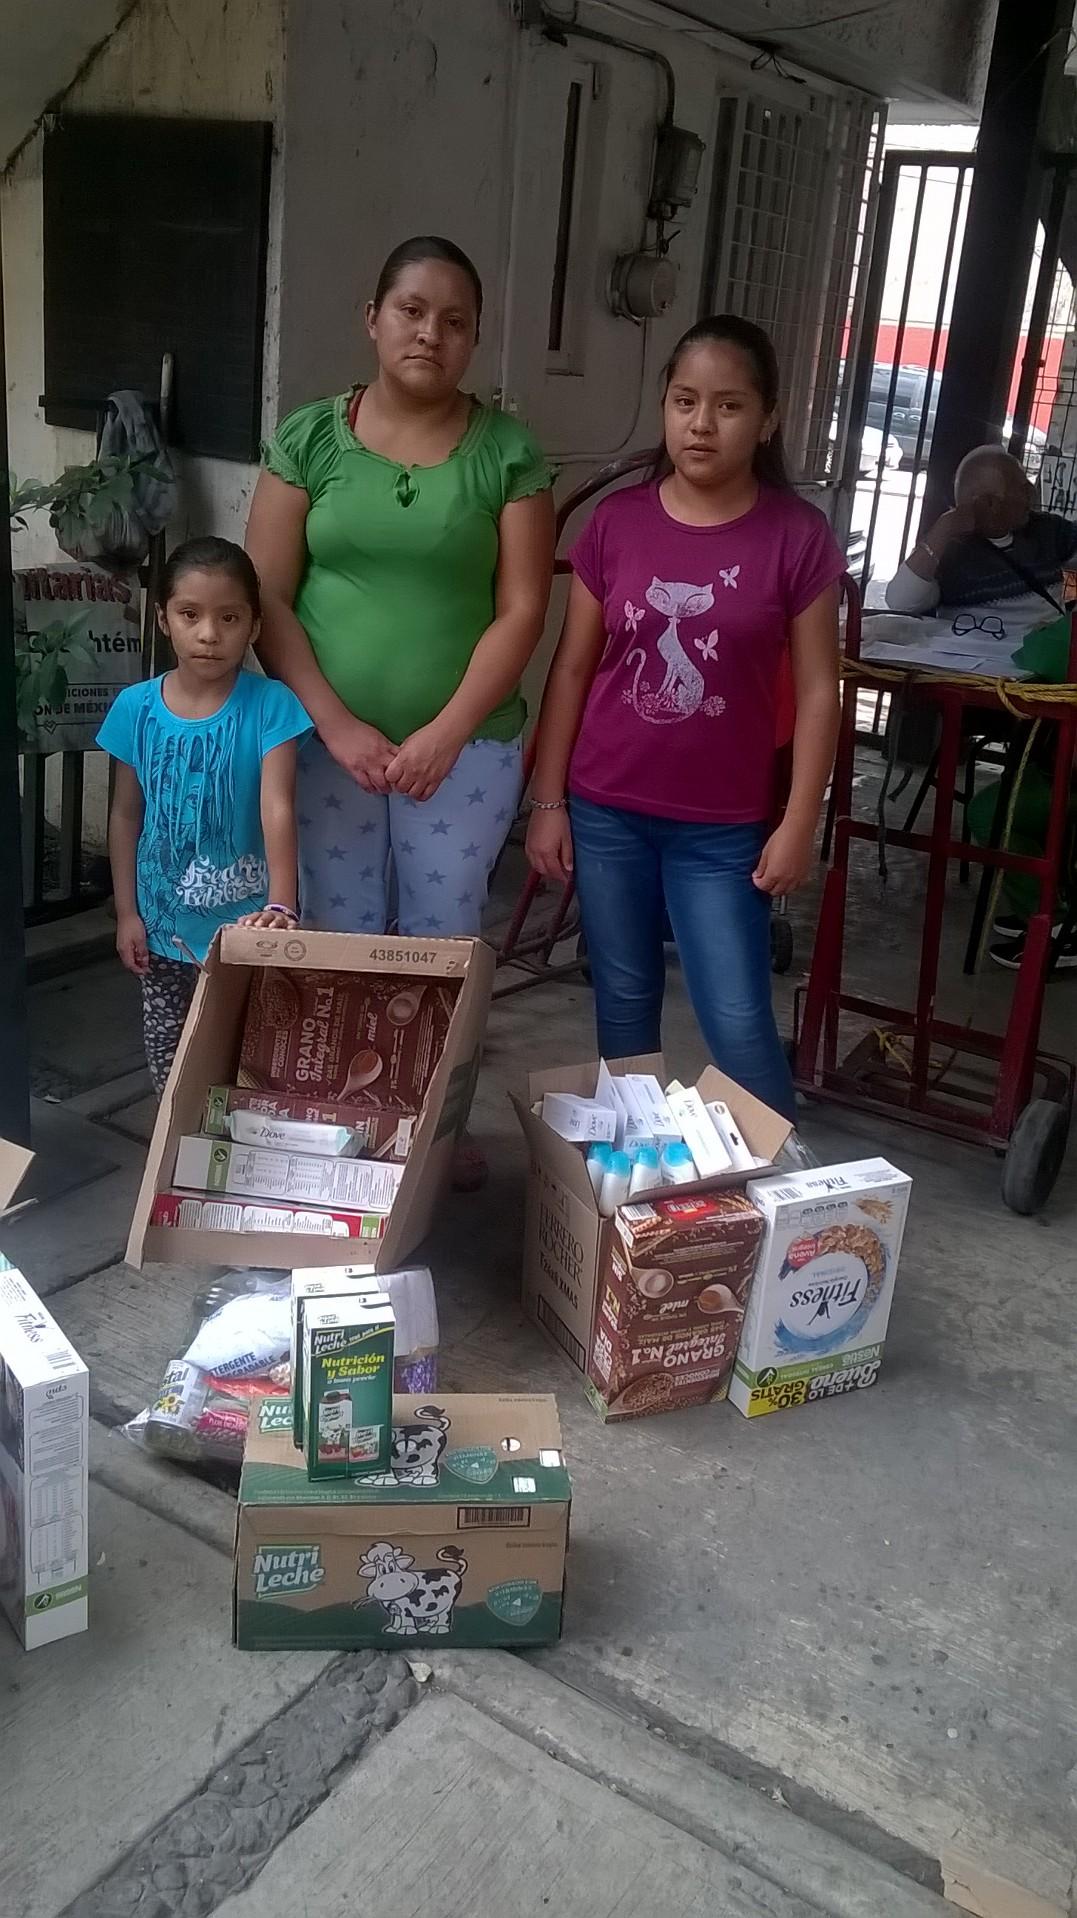 Fundación de Altruismo Bet El apoya con despensas a Prosigue-Programa Niños de la Calle A.C.